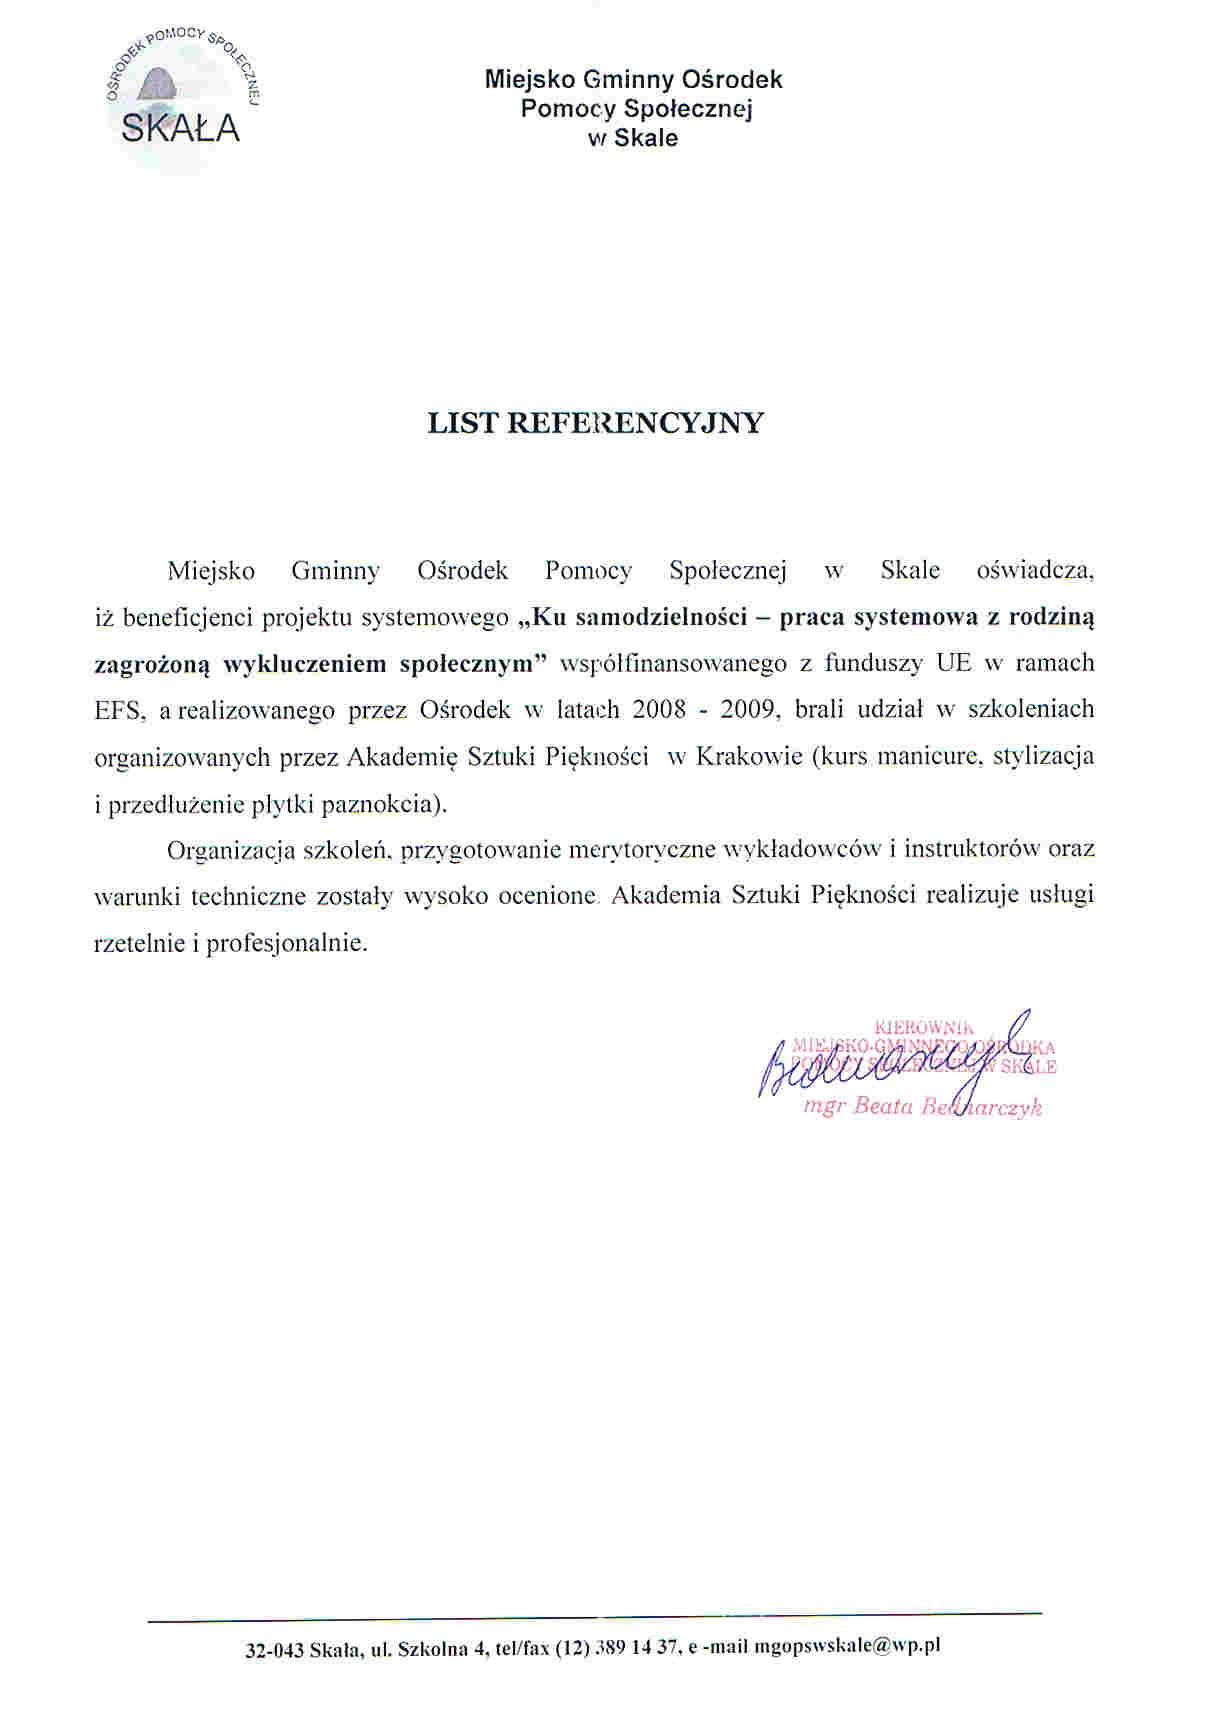 Miejsko Gminny Ośrodek Pomocy Społecznej w Skale-Skała